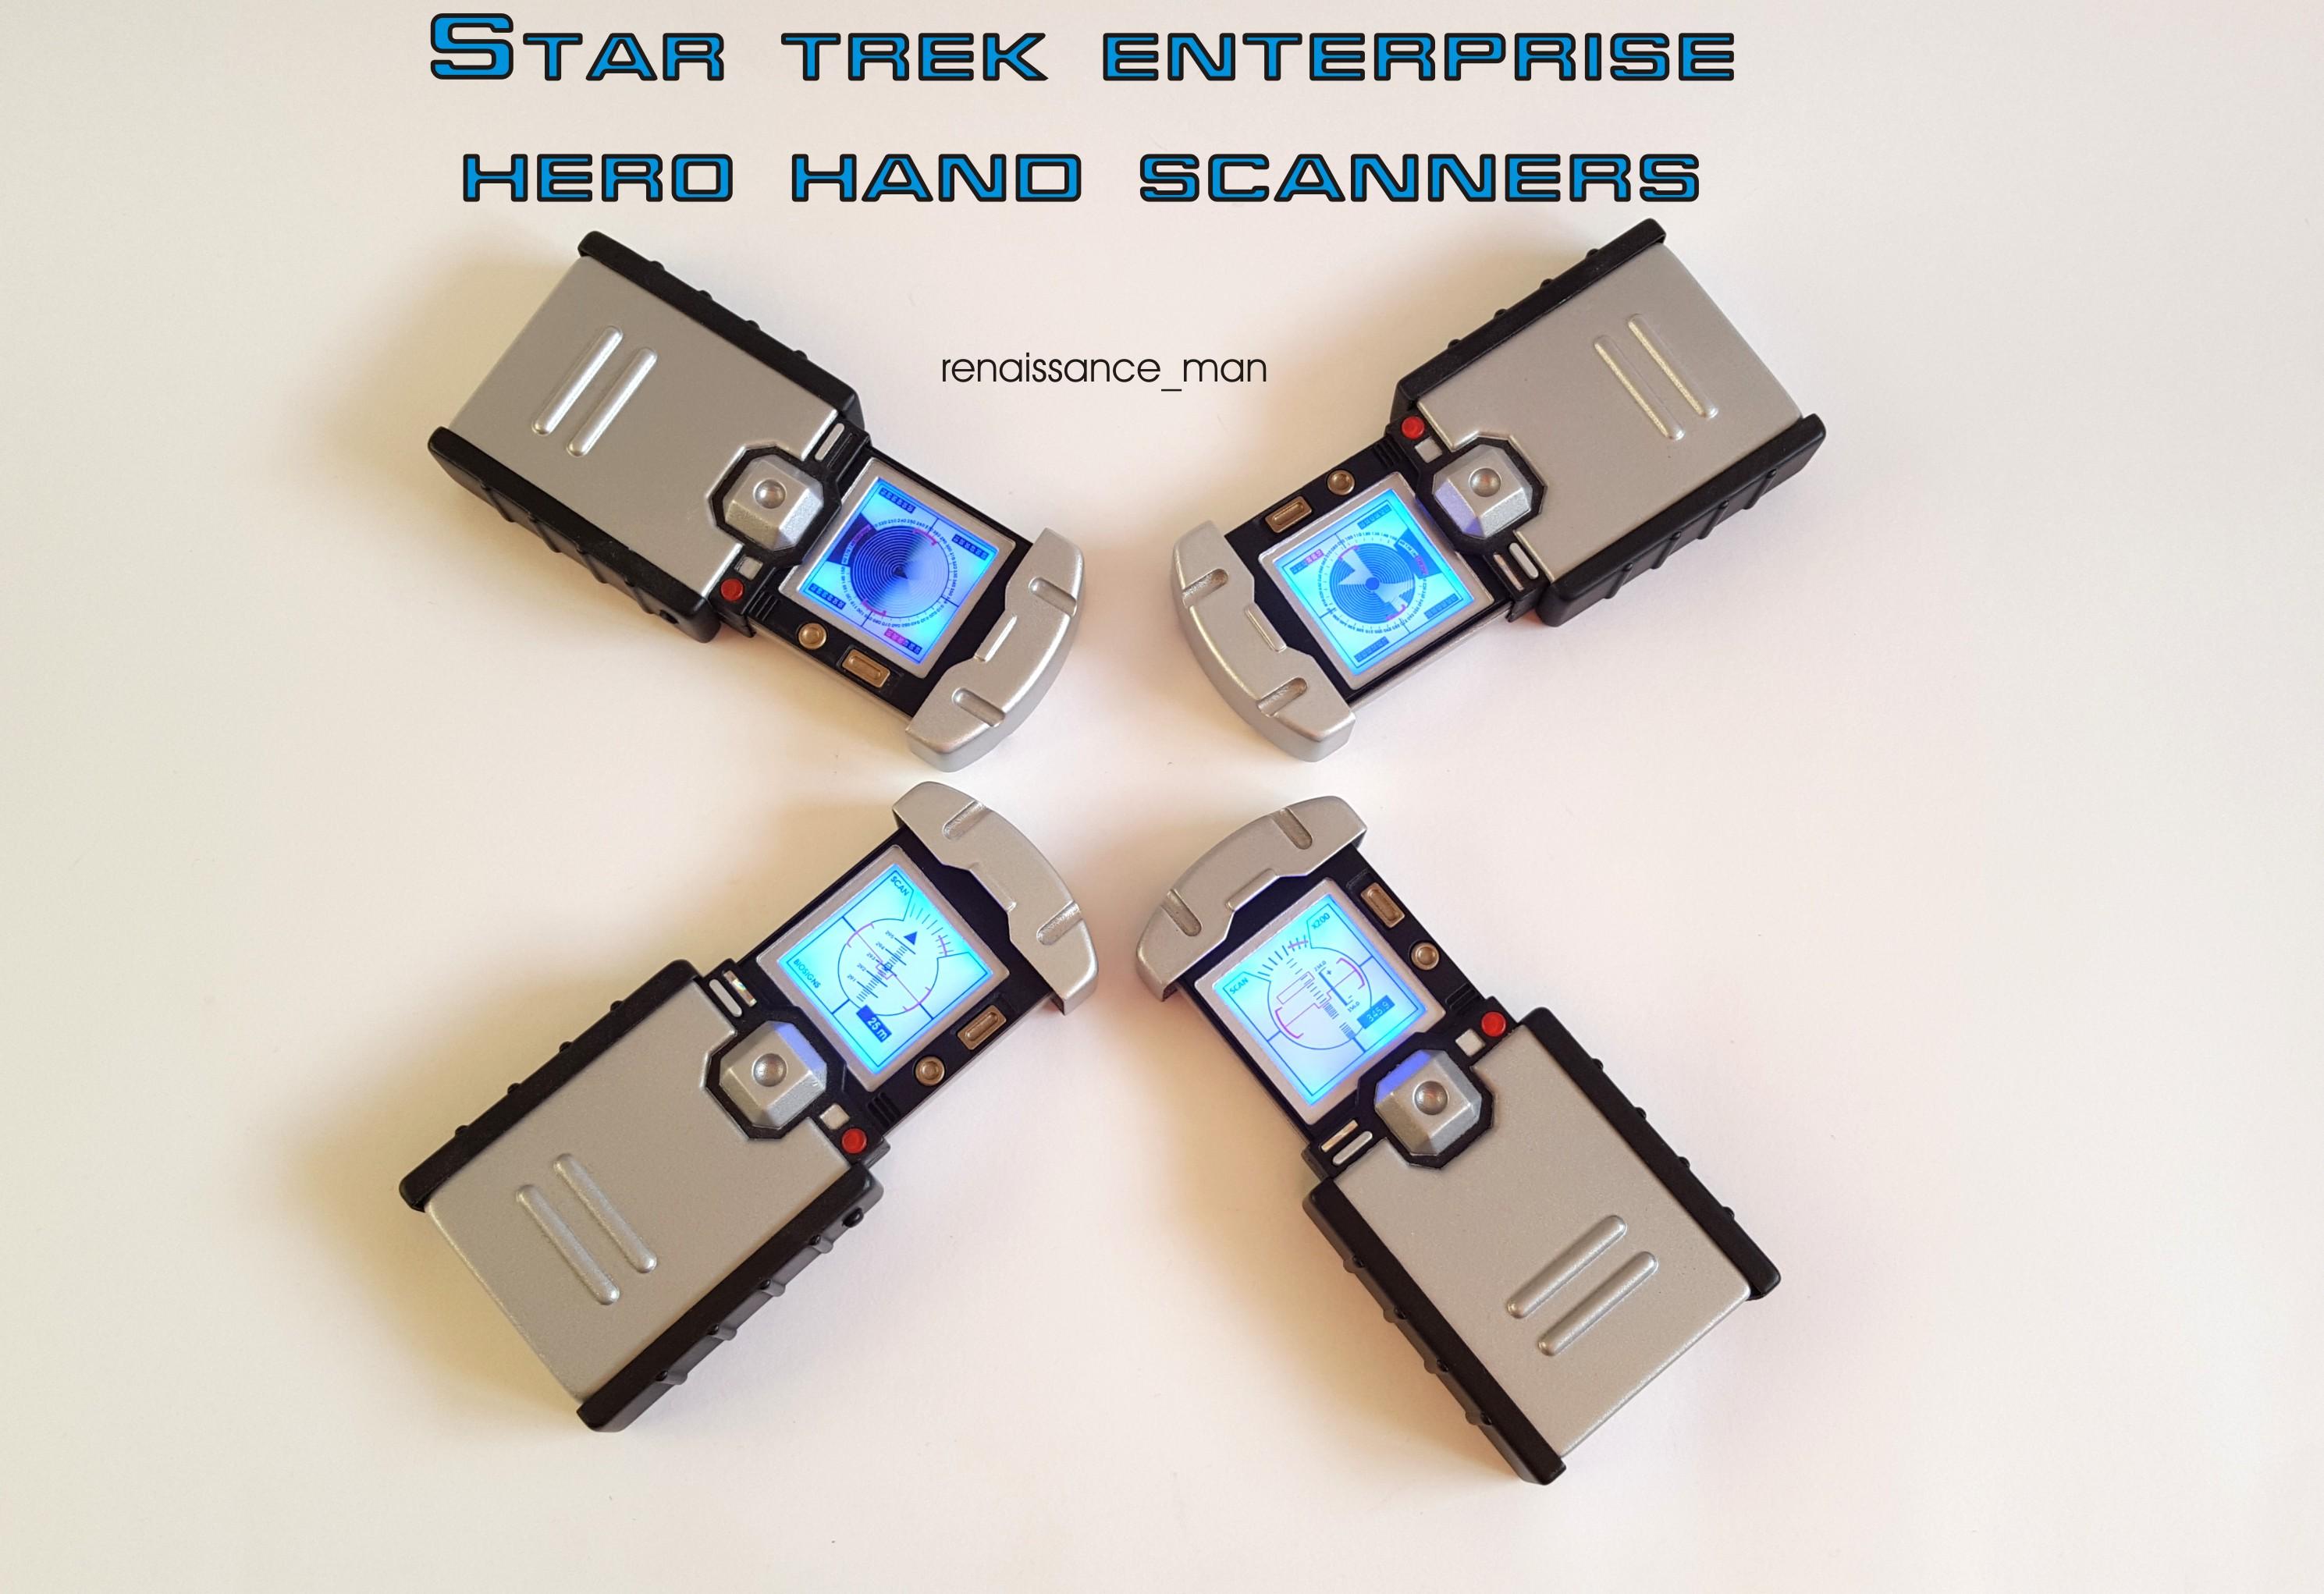 Star-Trek-Enterprise-prop-scanners.jpg